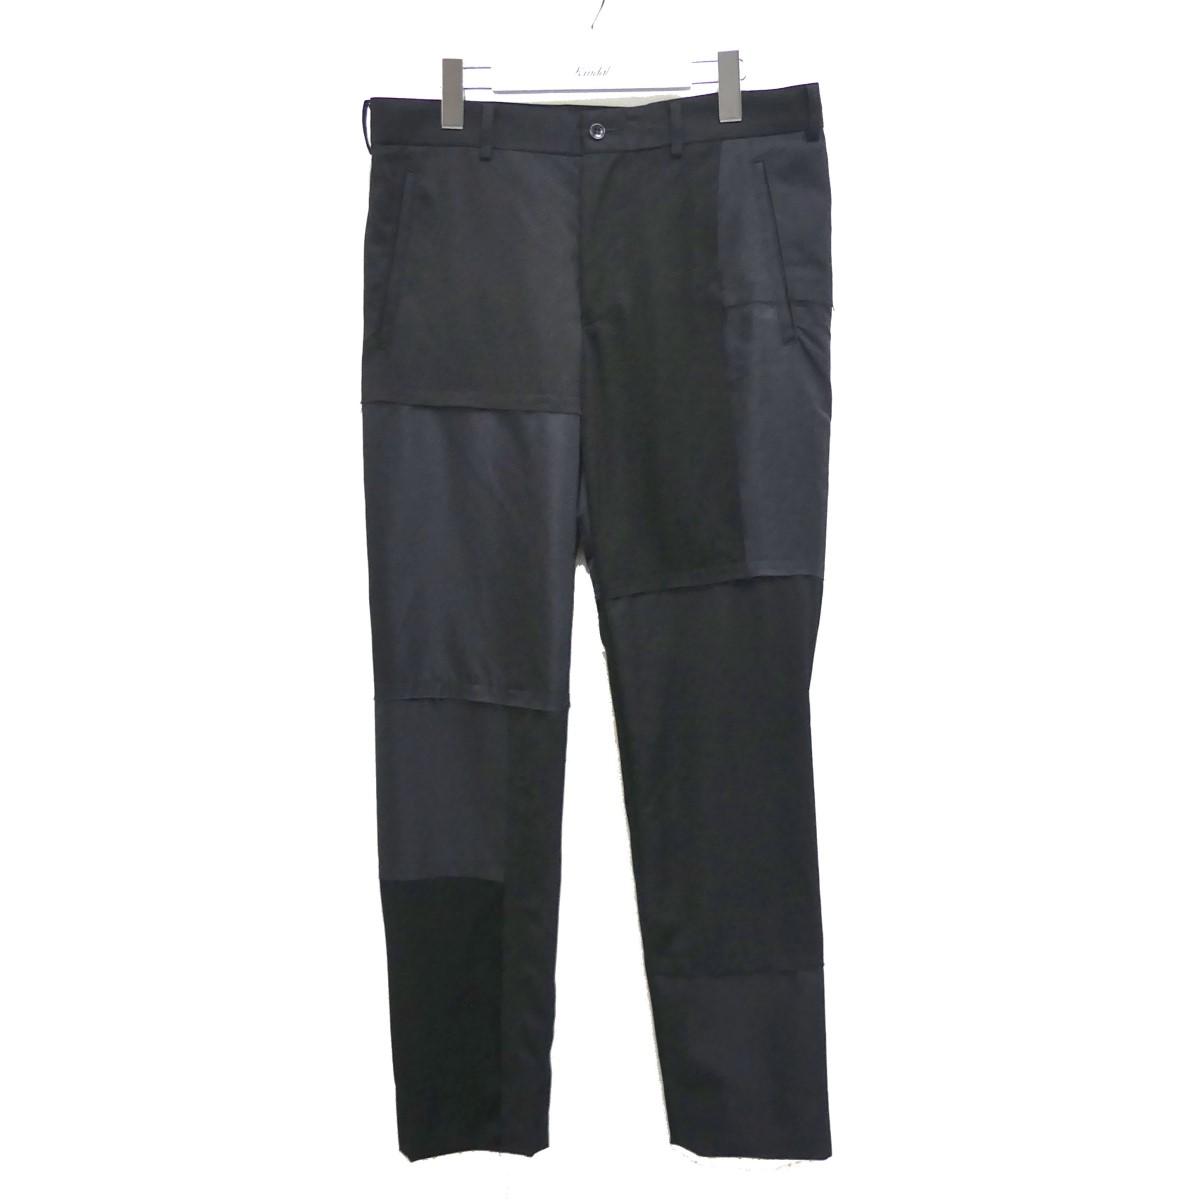 【中古】BLACK COMME des GARCONS 切替デザインパンツ ブラック サイズ:M 【010720】(ブラックコムデギャルソン)